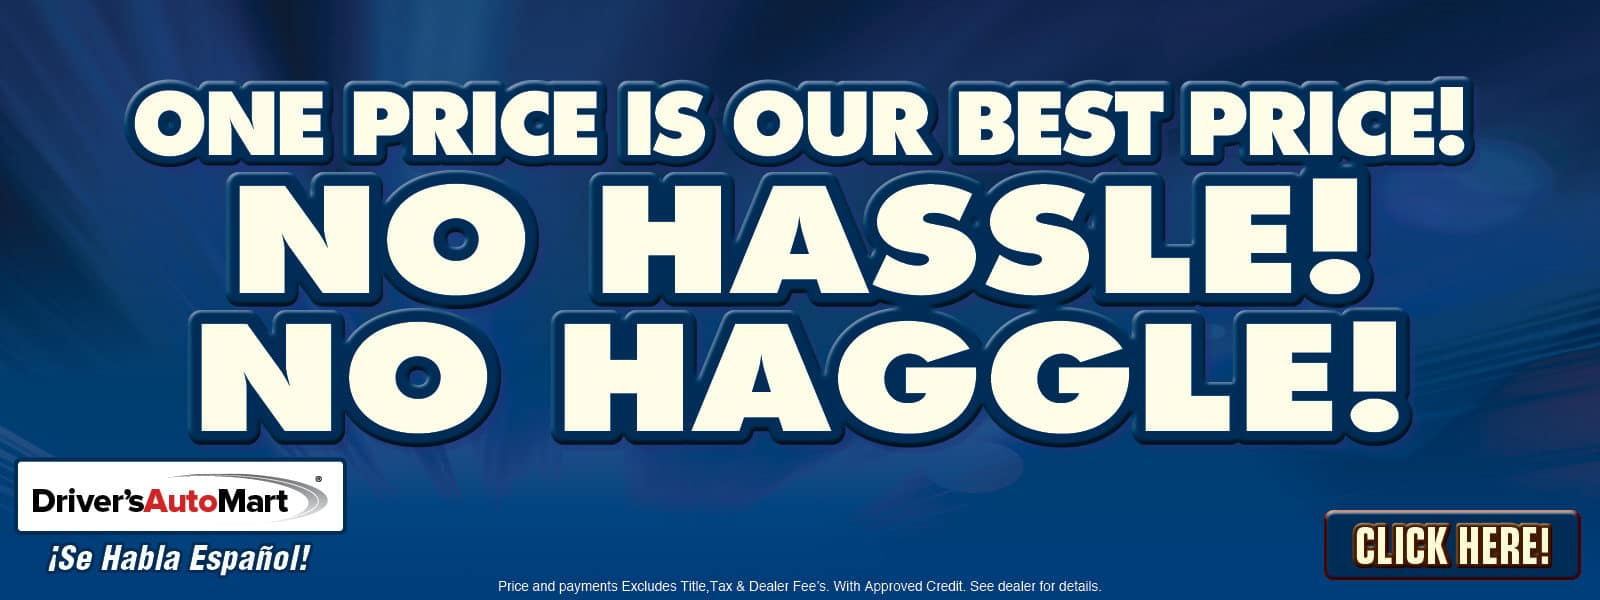 No Hassles!